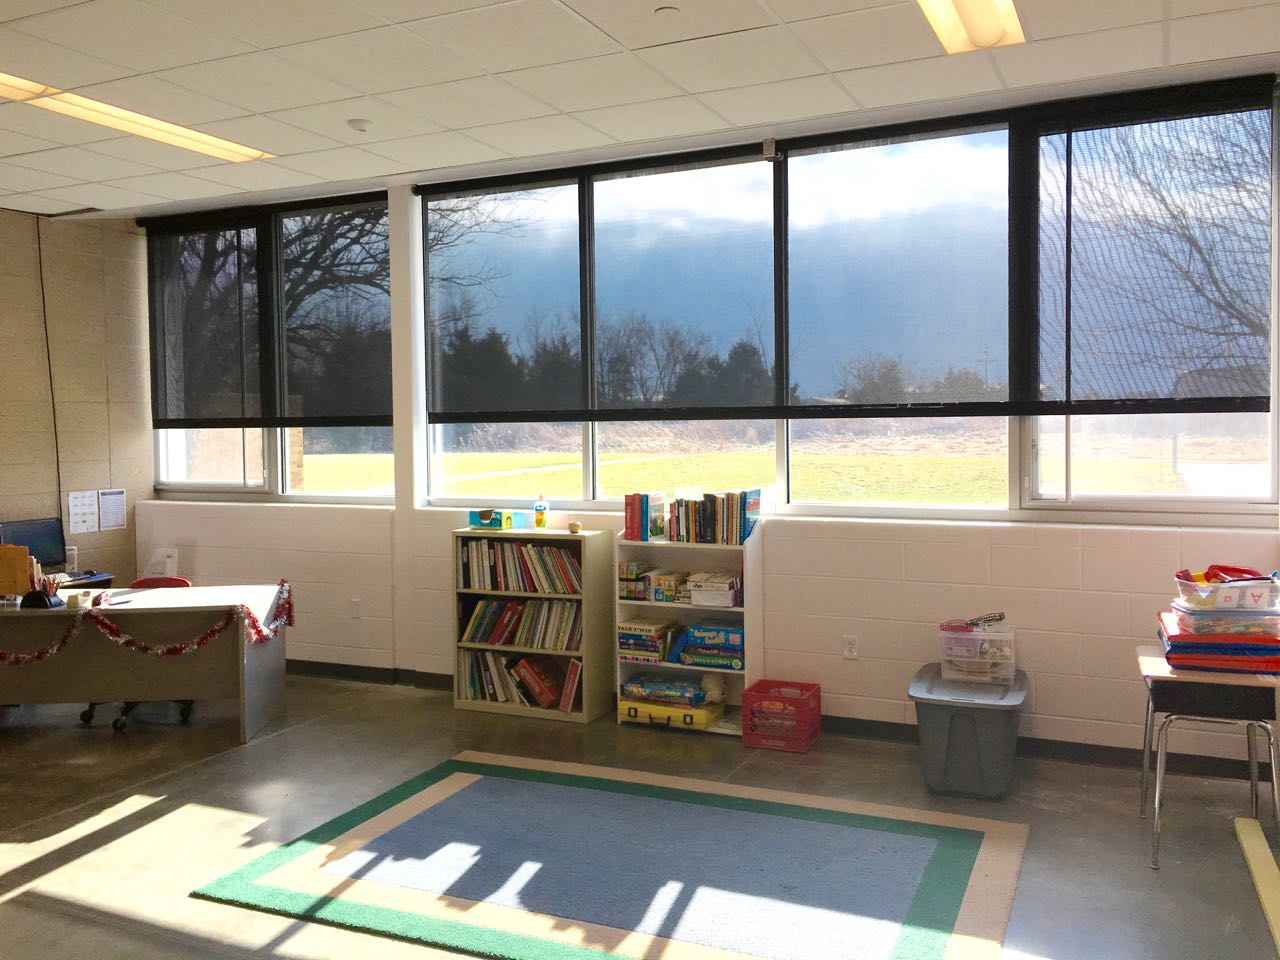 school room shades 1